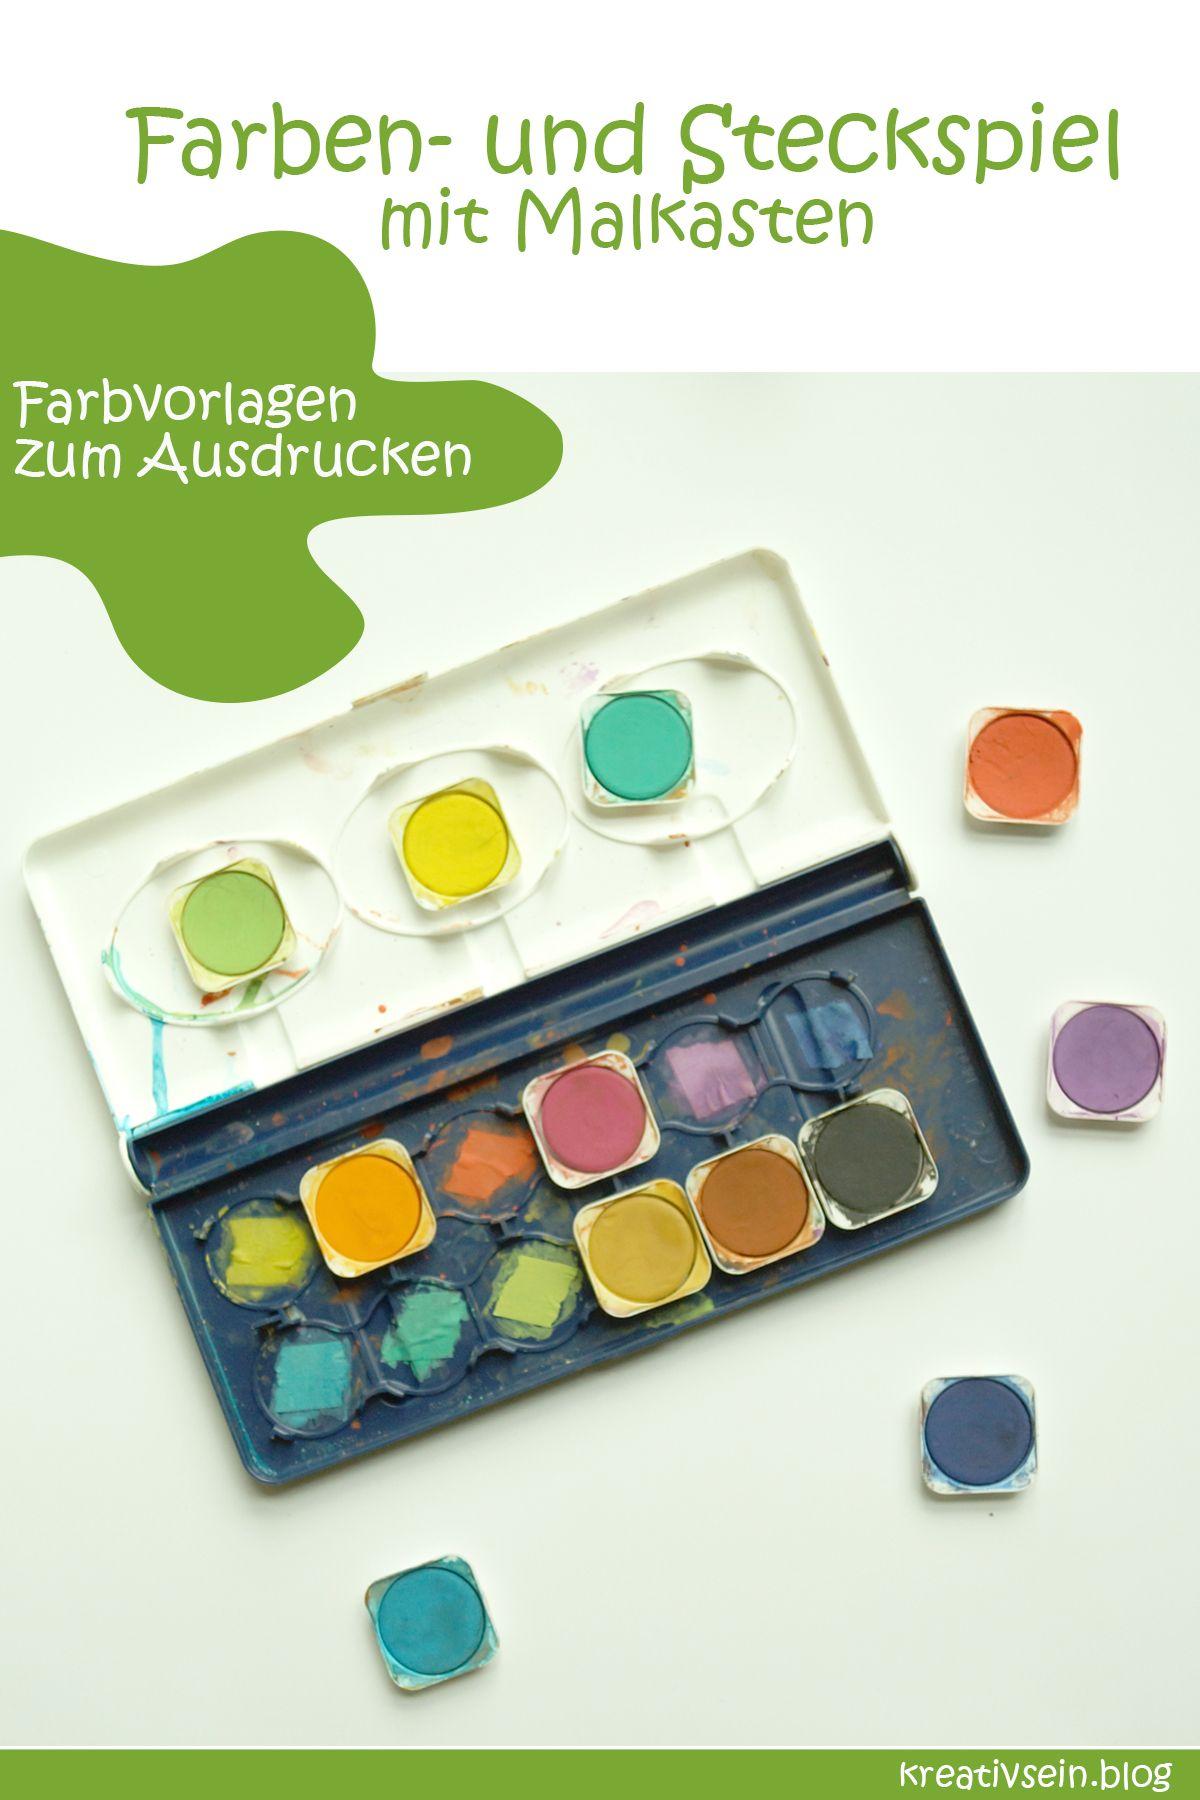 7 Tolle Spiele Zum Farben Lernen Farben Lernen Tolle Spiele Und